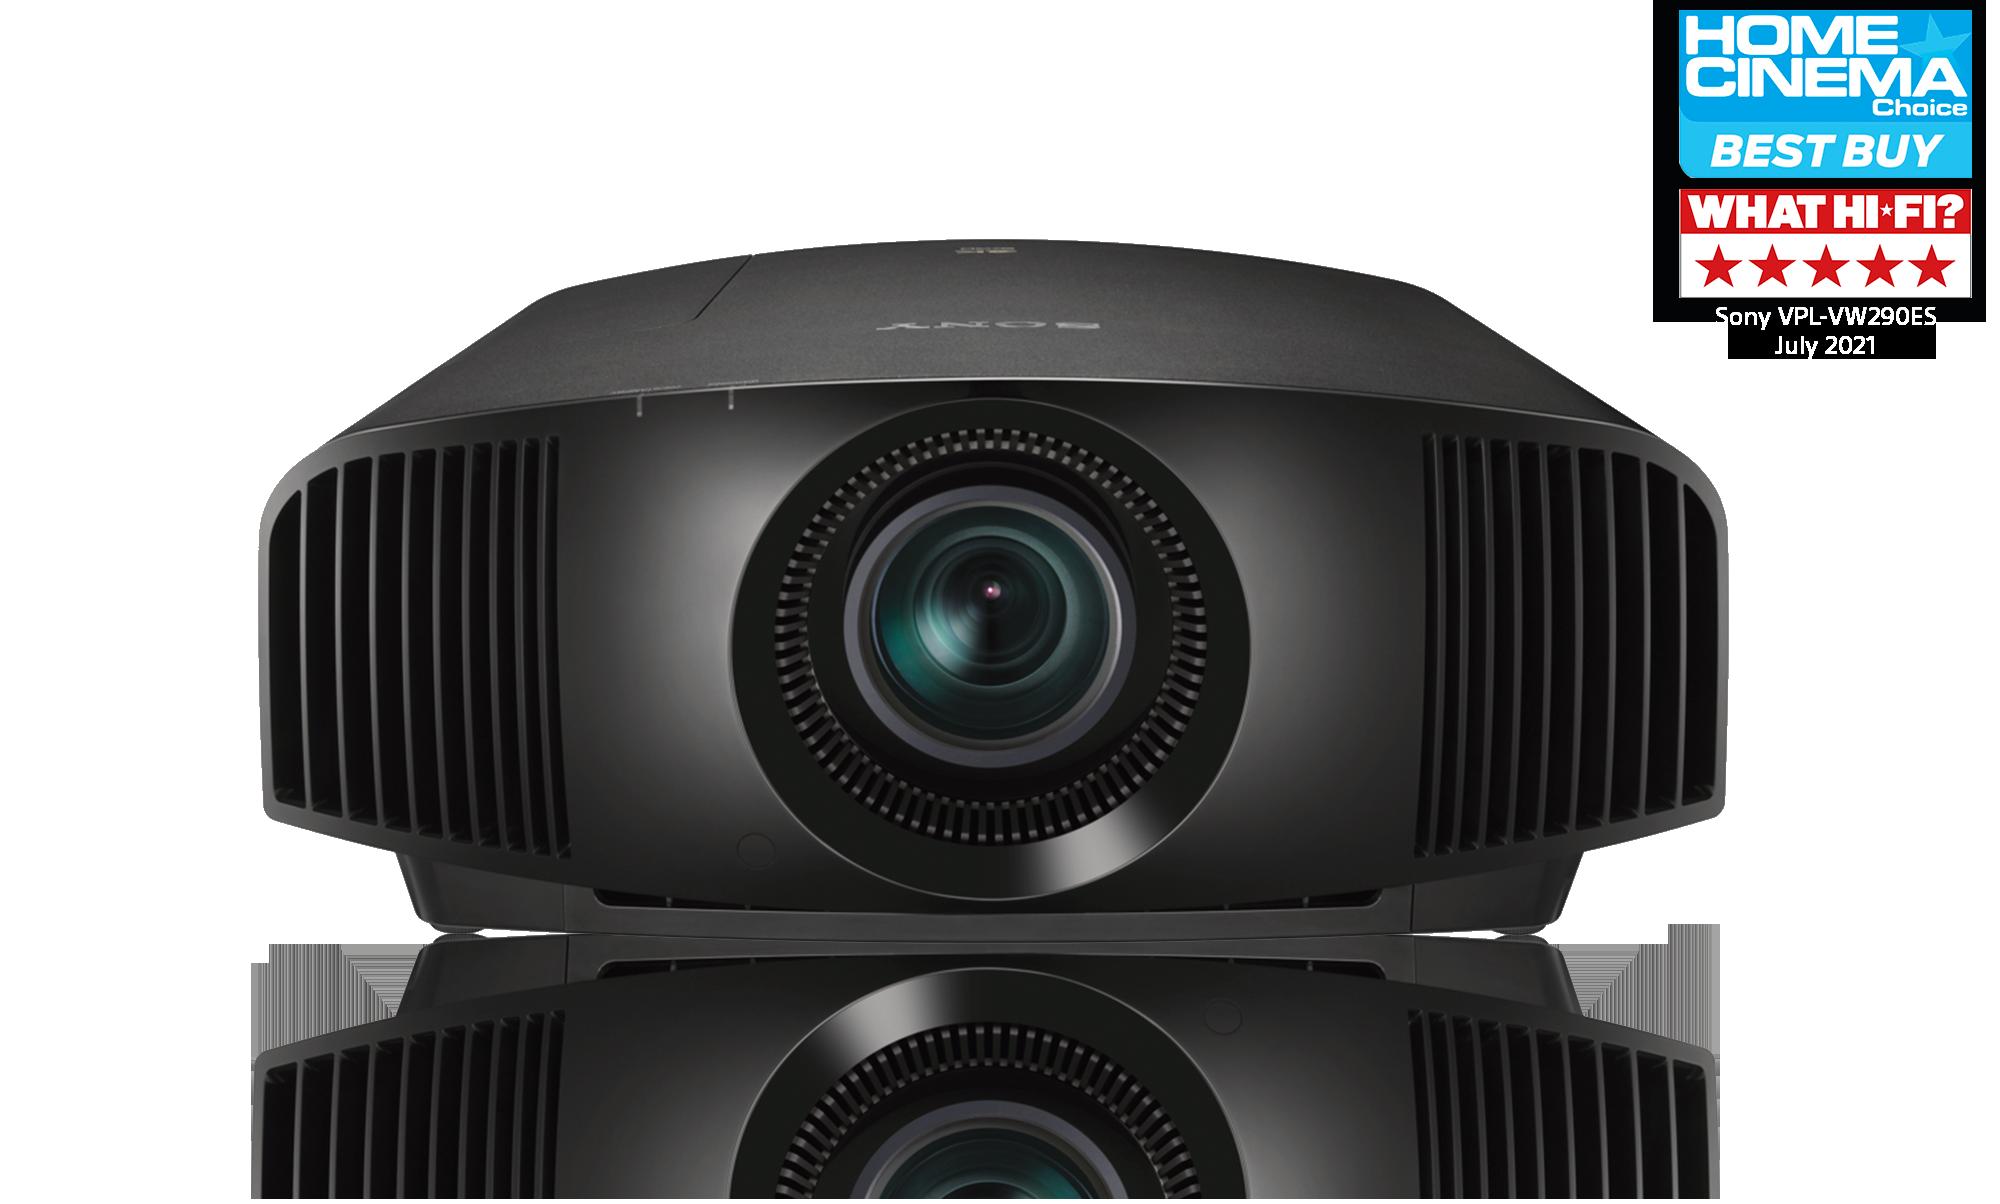 Vista frontale del nostro proiettore laser 4K SXRD VPL-VW290ES con logo del premio What HI FI? e logo di Home Cinema Best Buy